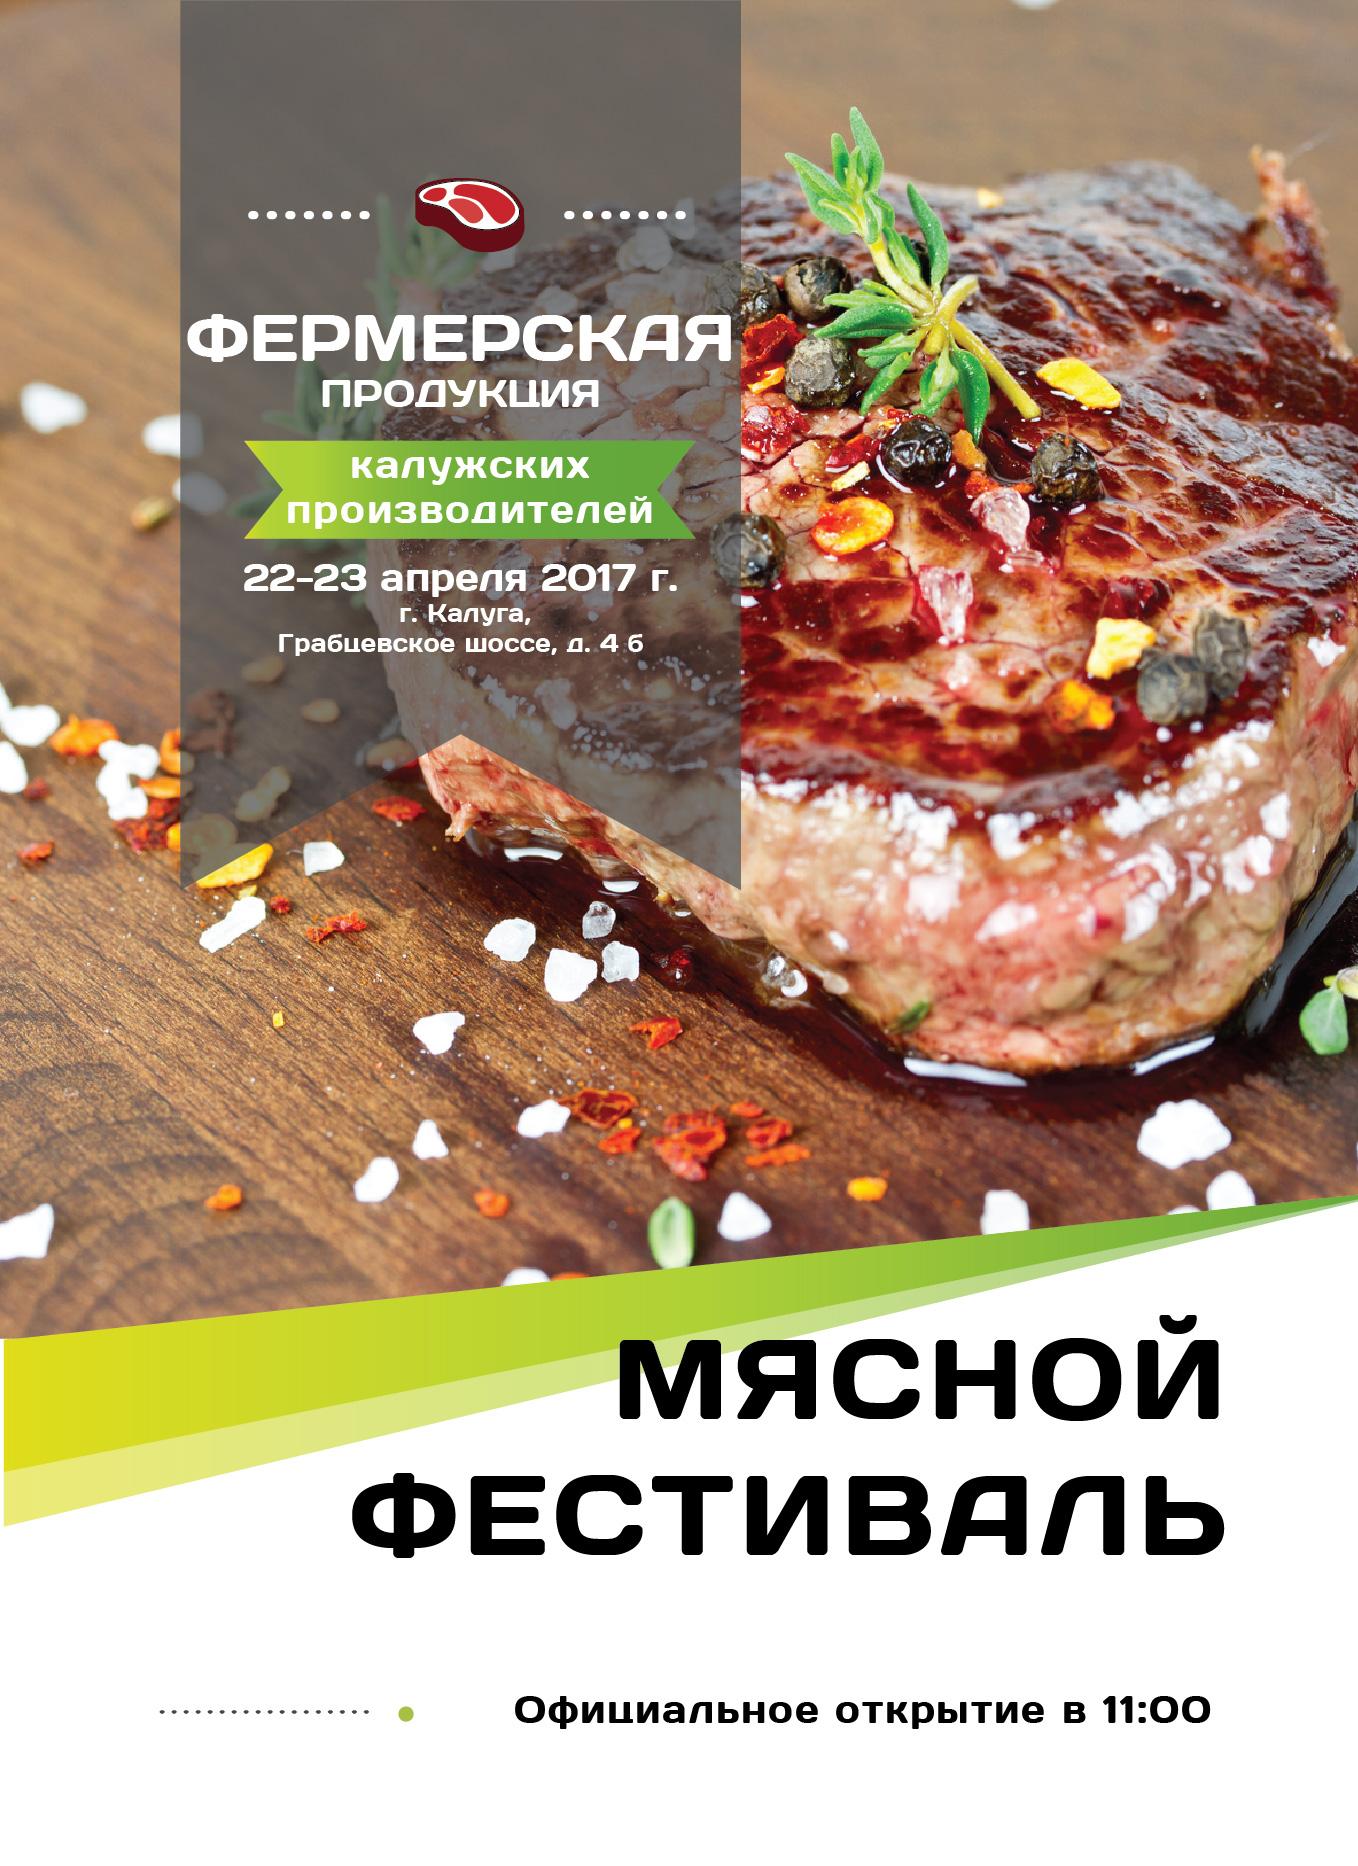 Мясной фестиваль